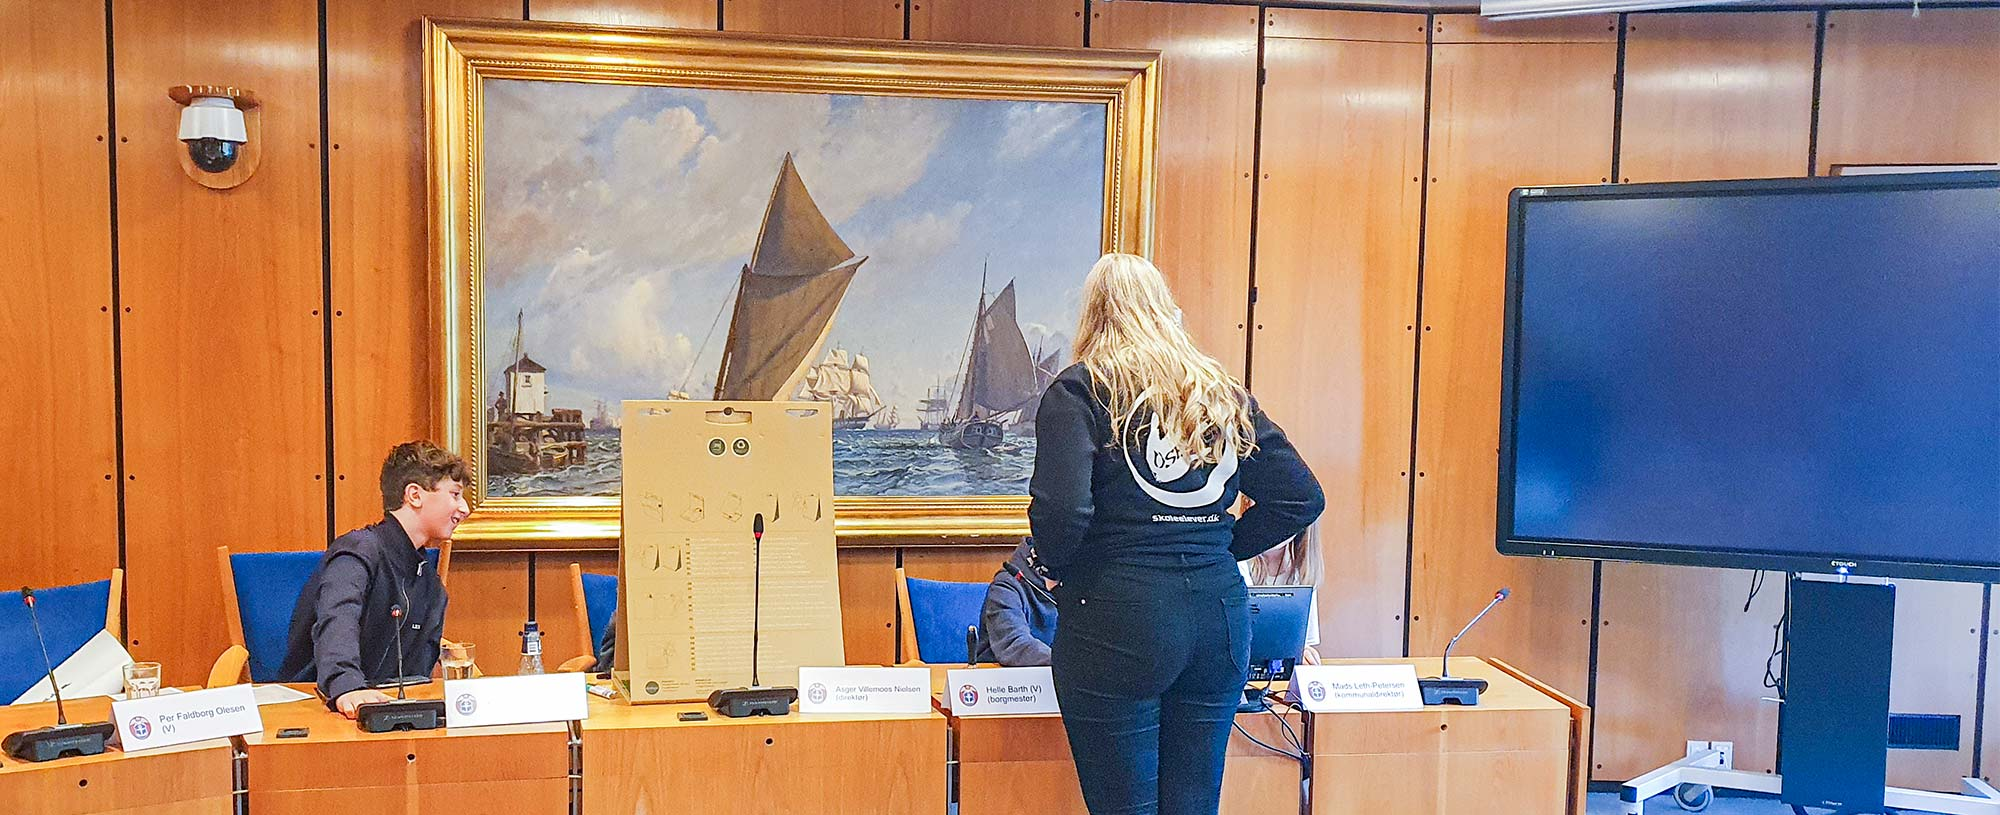 Byrådssalen på Dragør Rådhus var i forrige uge omdannet til arbejdslokale for skolernes fælles elevråd.